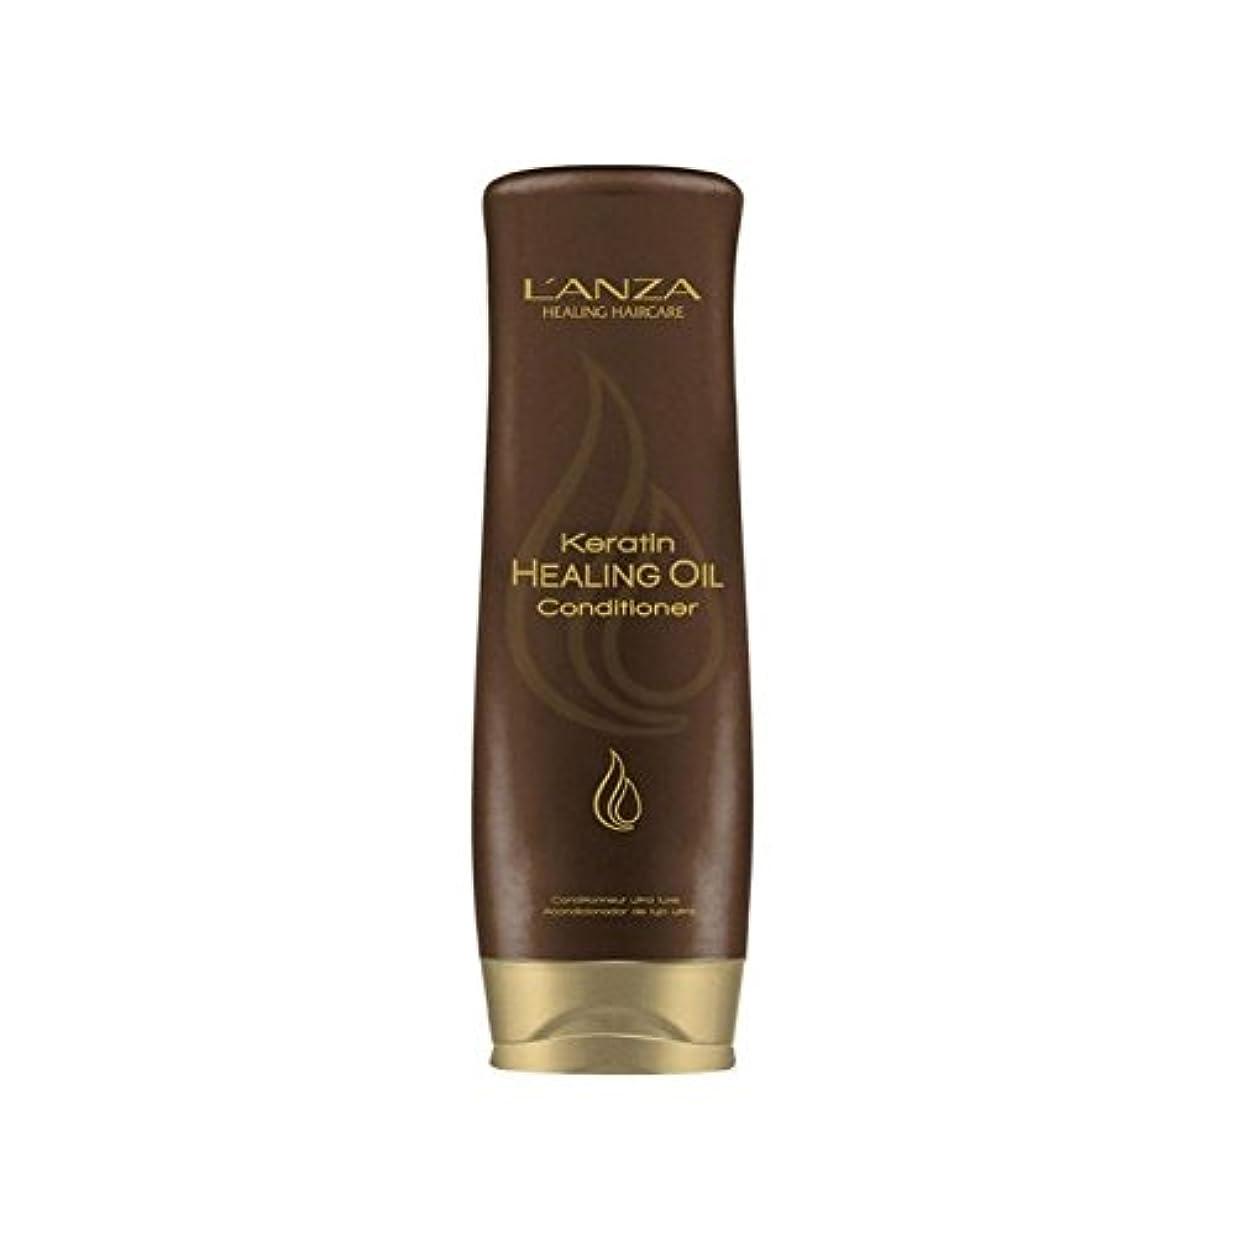 受け取るベリ終了するアンザケラチンオイルコンディショナー(250ミリリットル)を癒し x4 - L'Anza Keratin Healing Oil Conditioner (250ml) (Pack of 4) [並行輸入品]